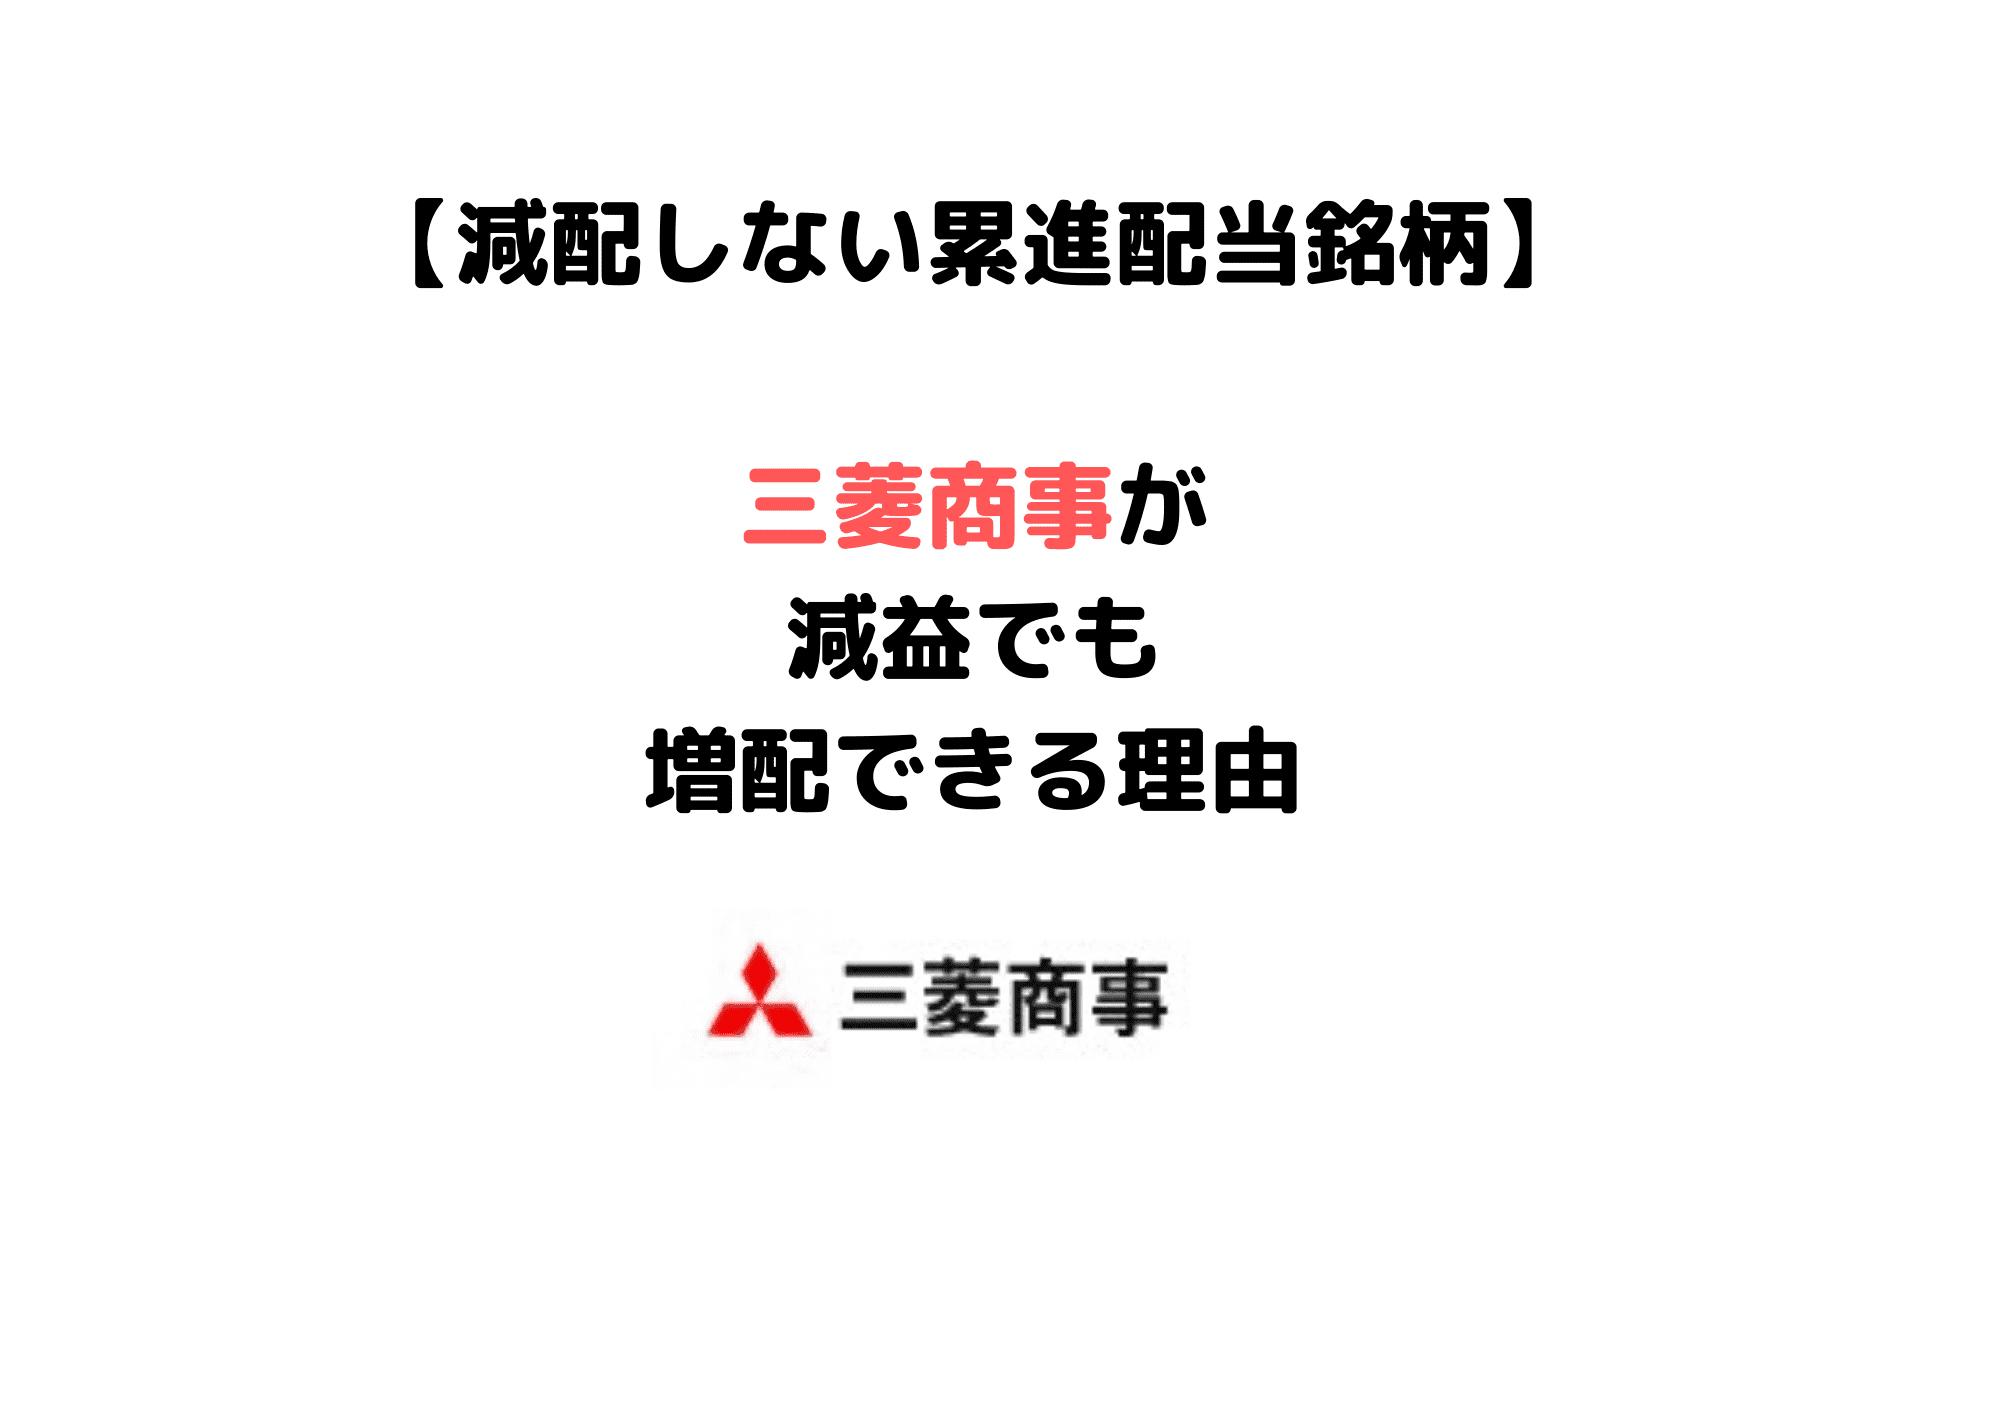 三菱商事 配当金